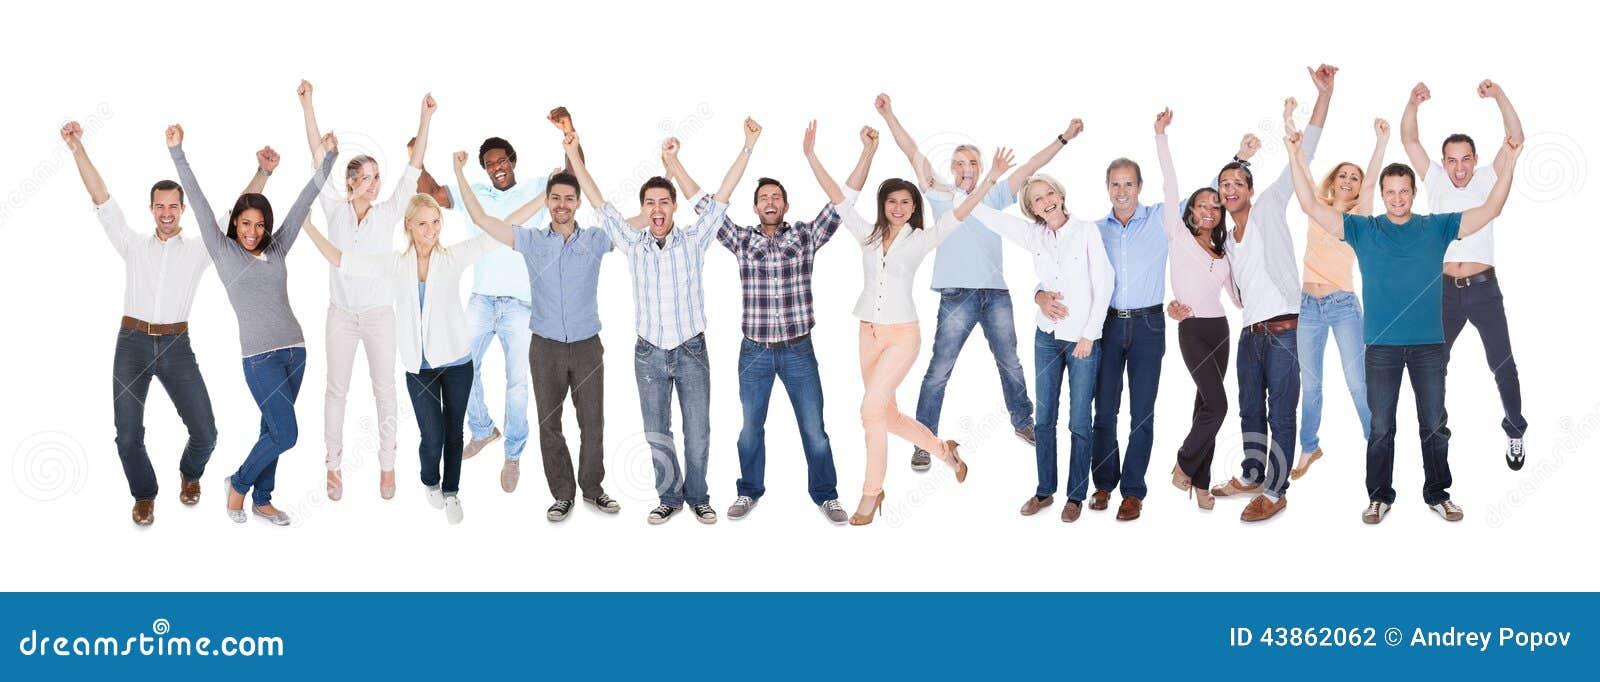 Grupo de personas feliz vestido en casual